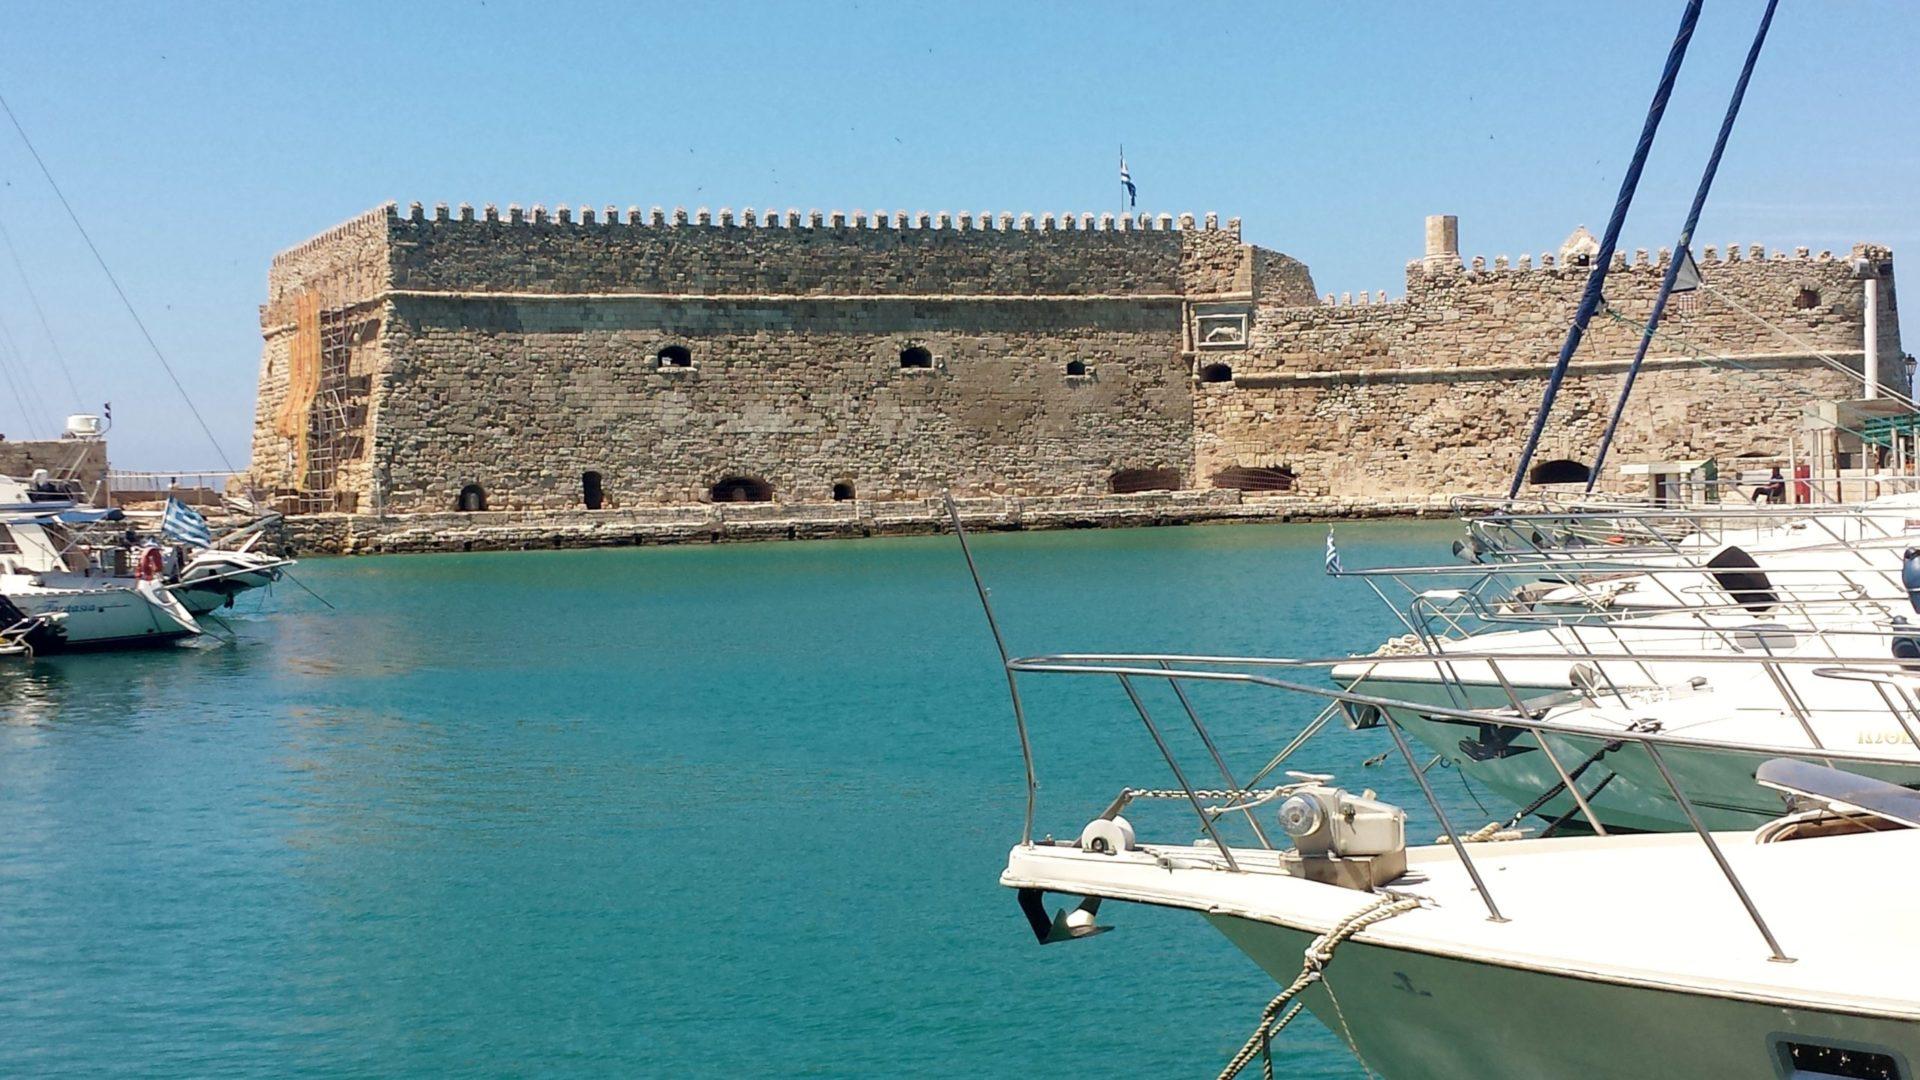 Wassertemperatur Heraklion: Hafenfestung Koules am venezianischen Hafen (Rocca al Mare)